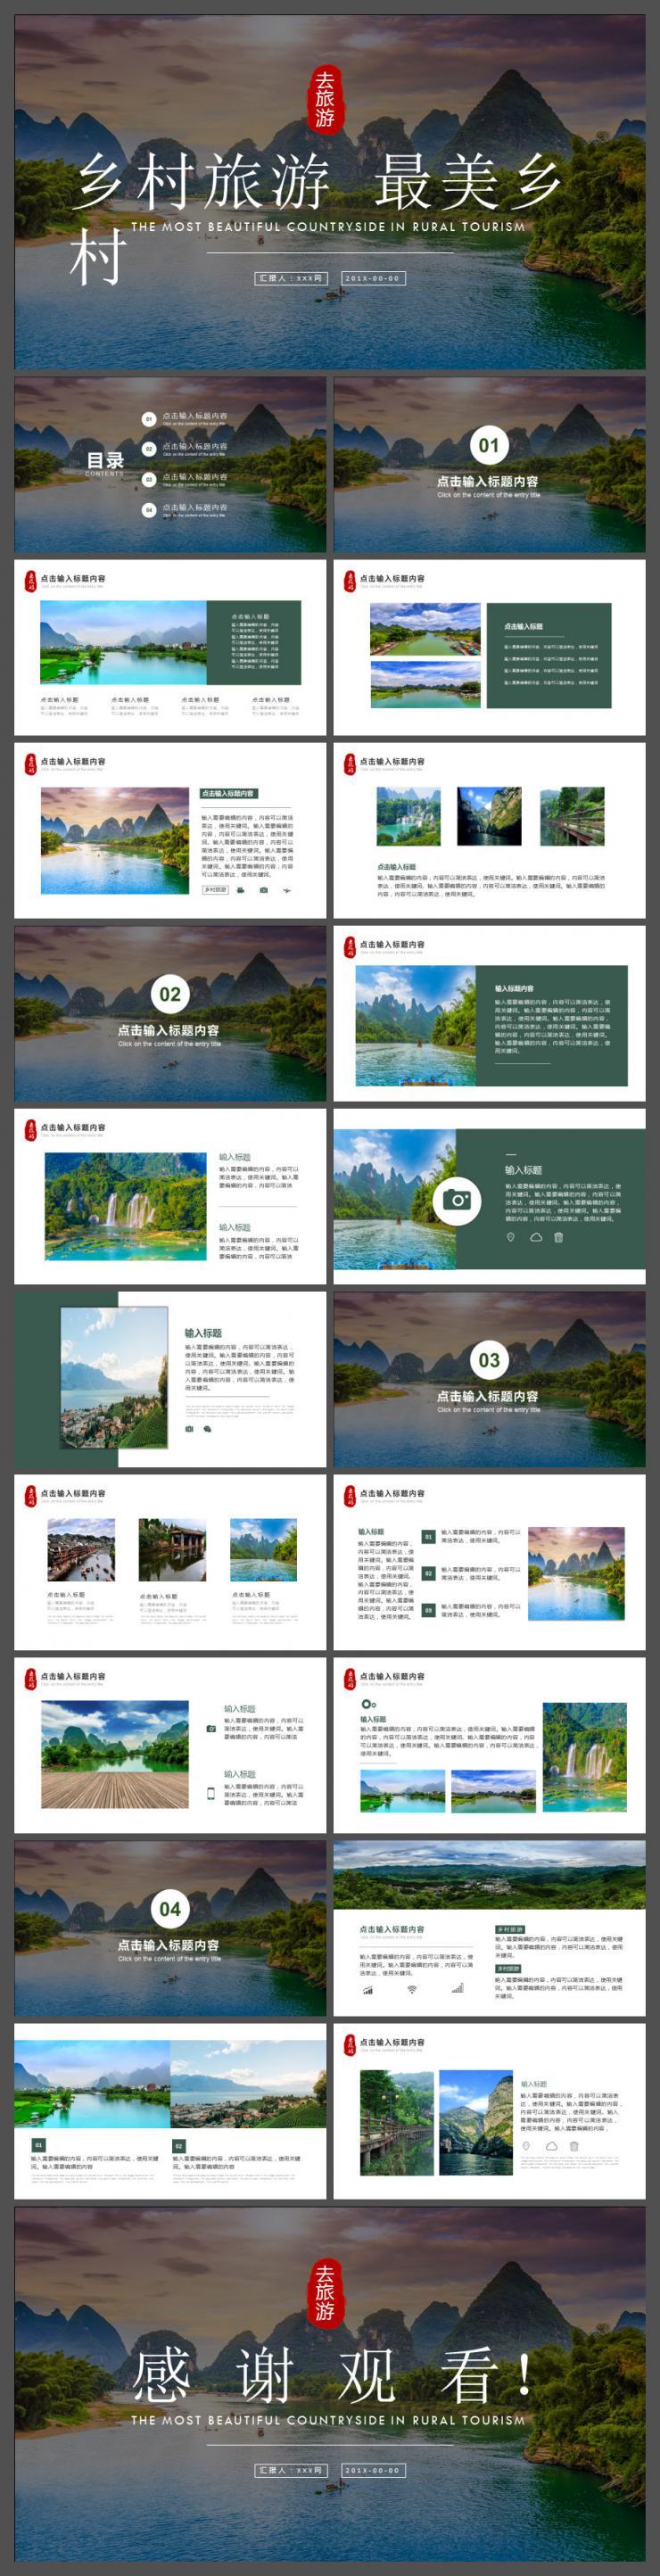 时尚乡村旅游最美乡村旅行相册PPT模板